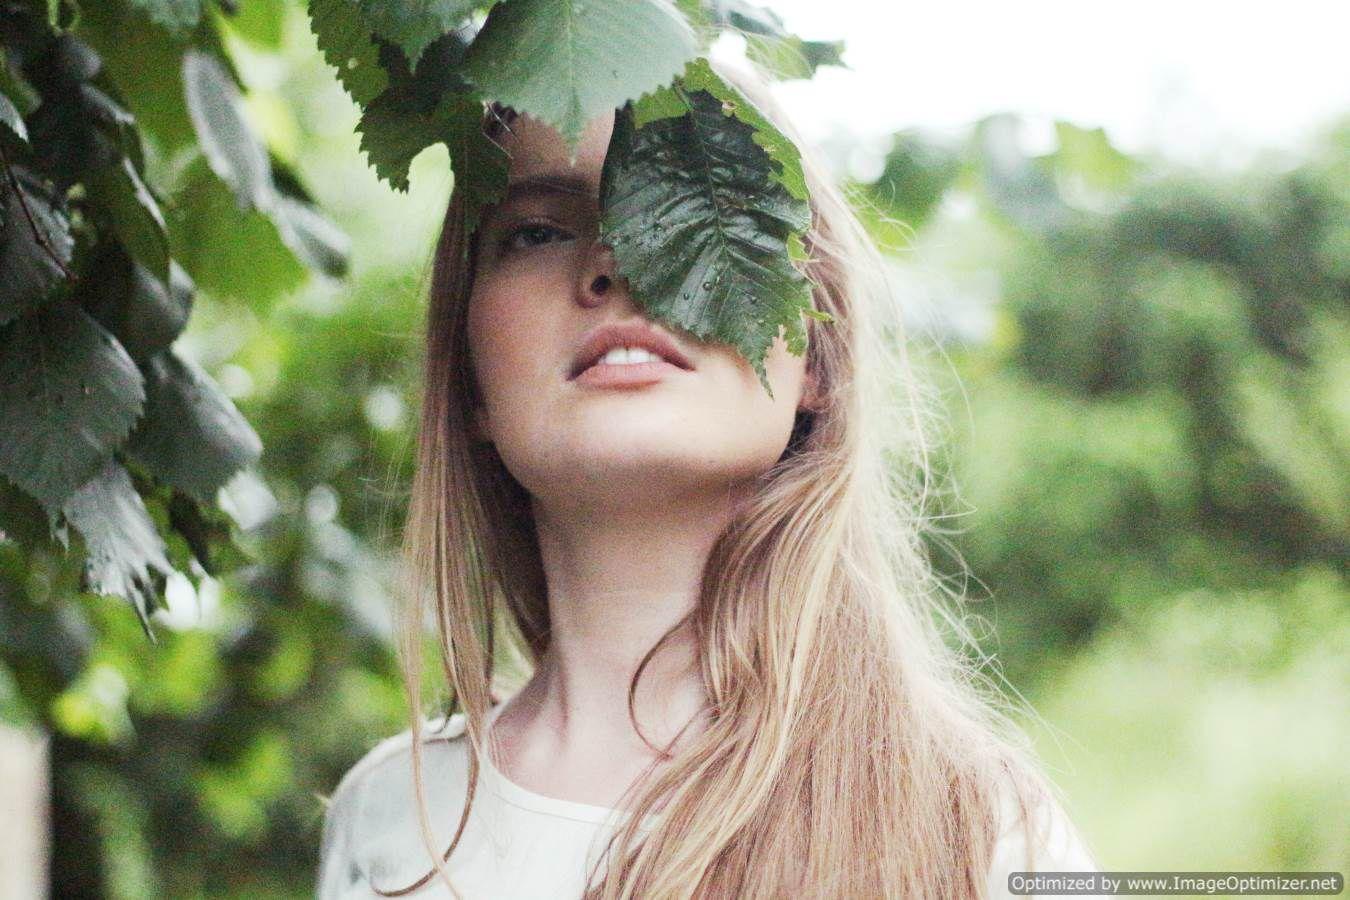 صورة فتاه جميلة تغطى عينها اليسرى بورقه شجر خضراء